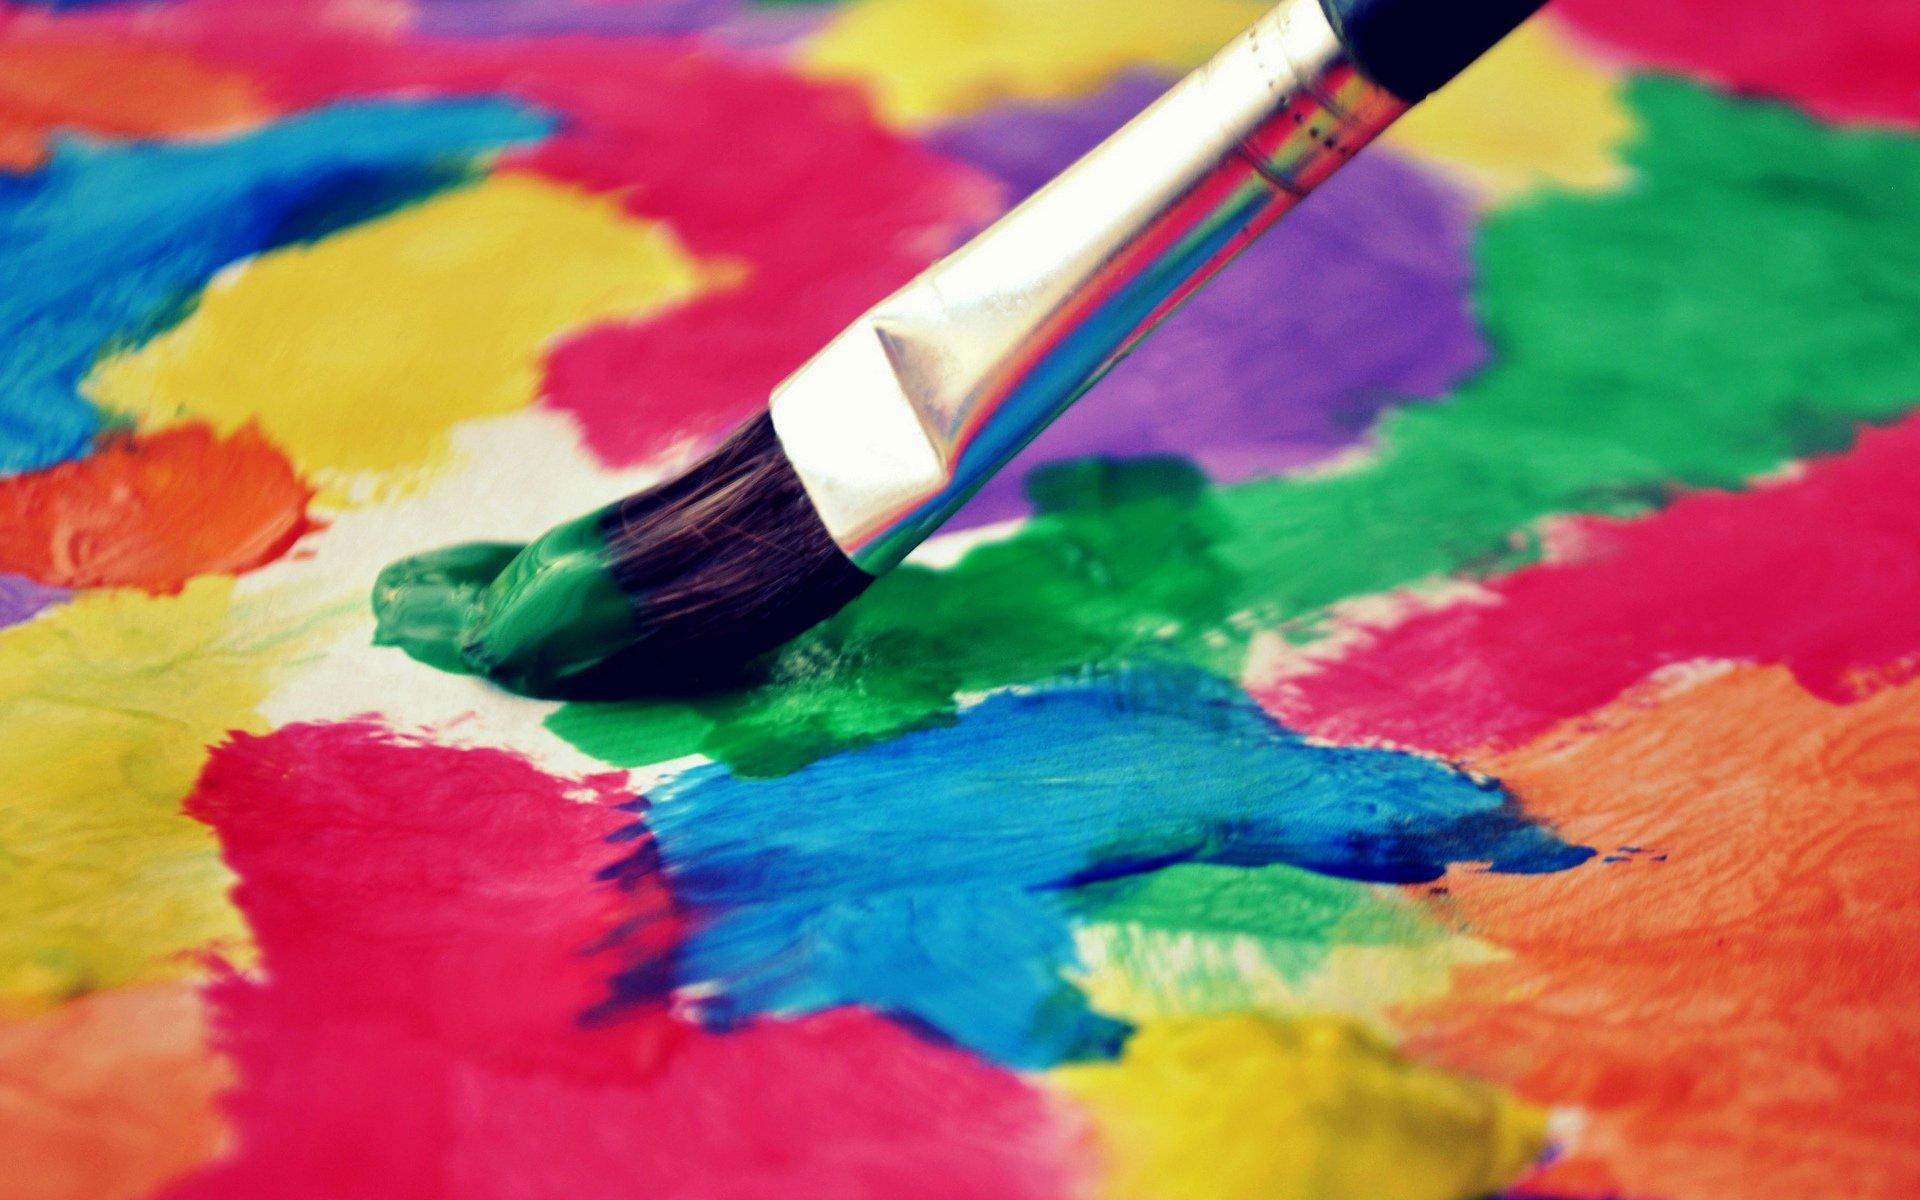 Картинки становятся цветными по наведению